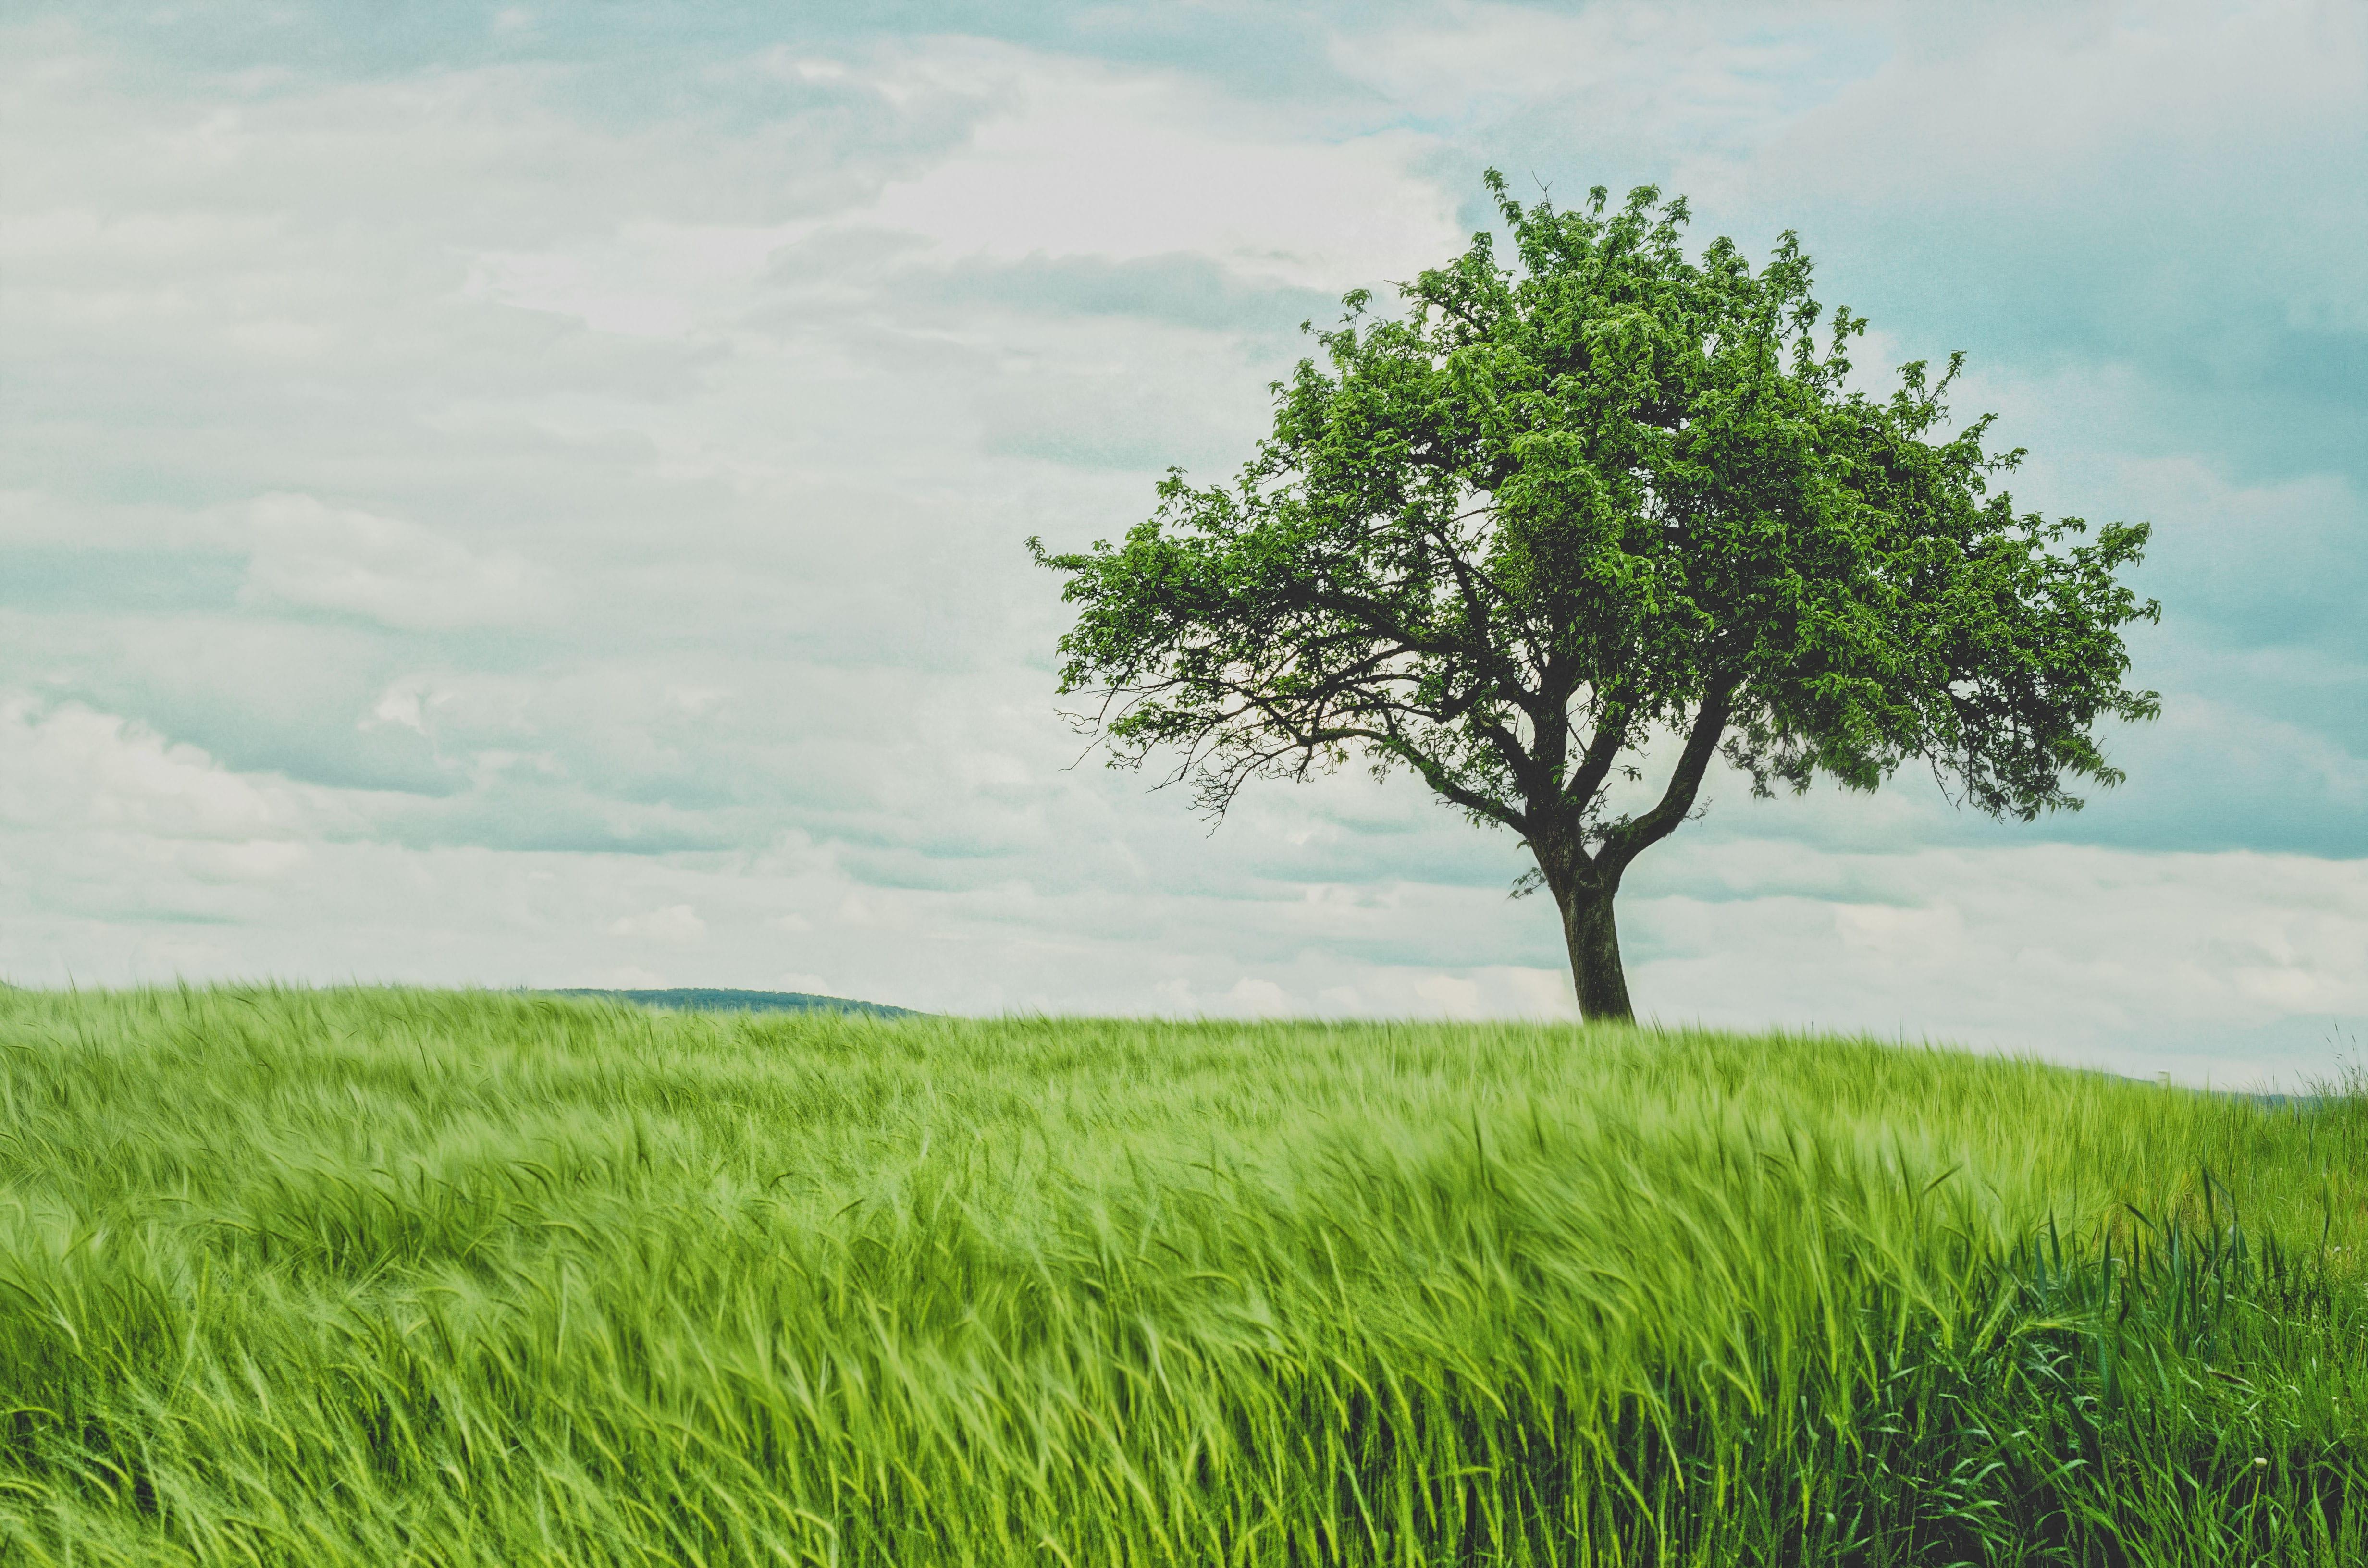 bovf94dprxwu0u3qspjf_tree